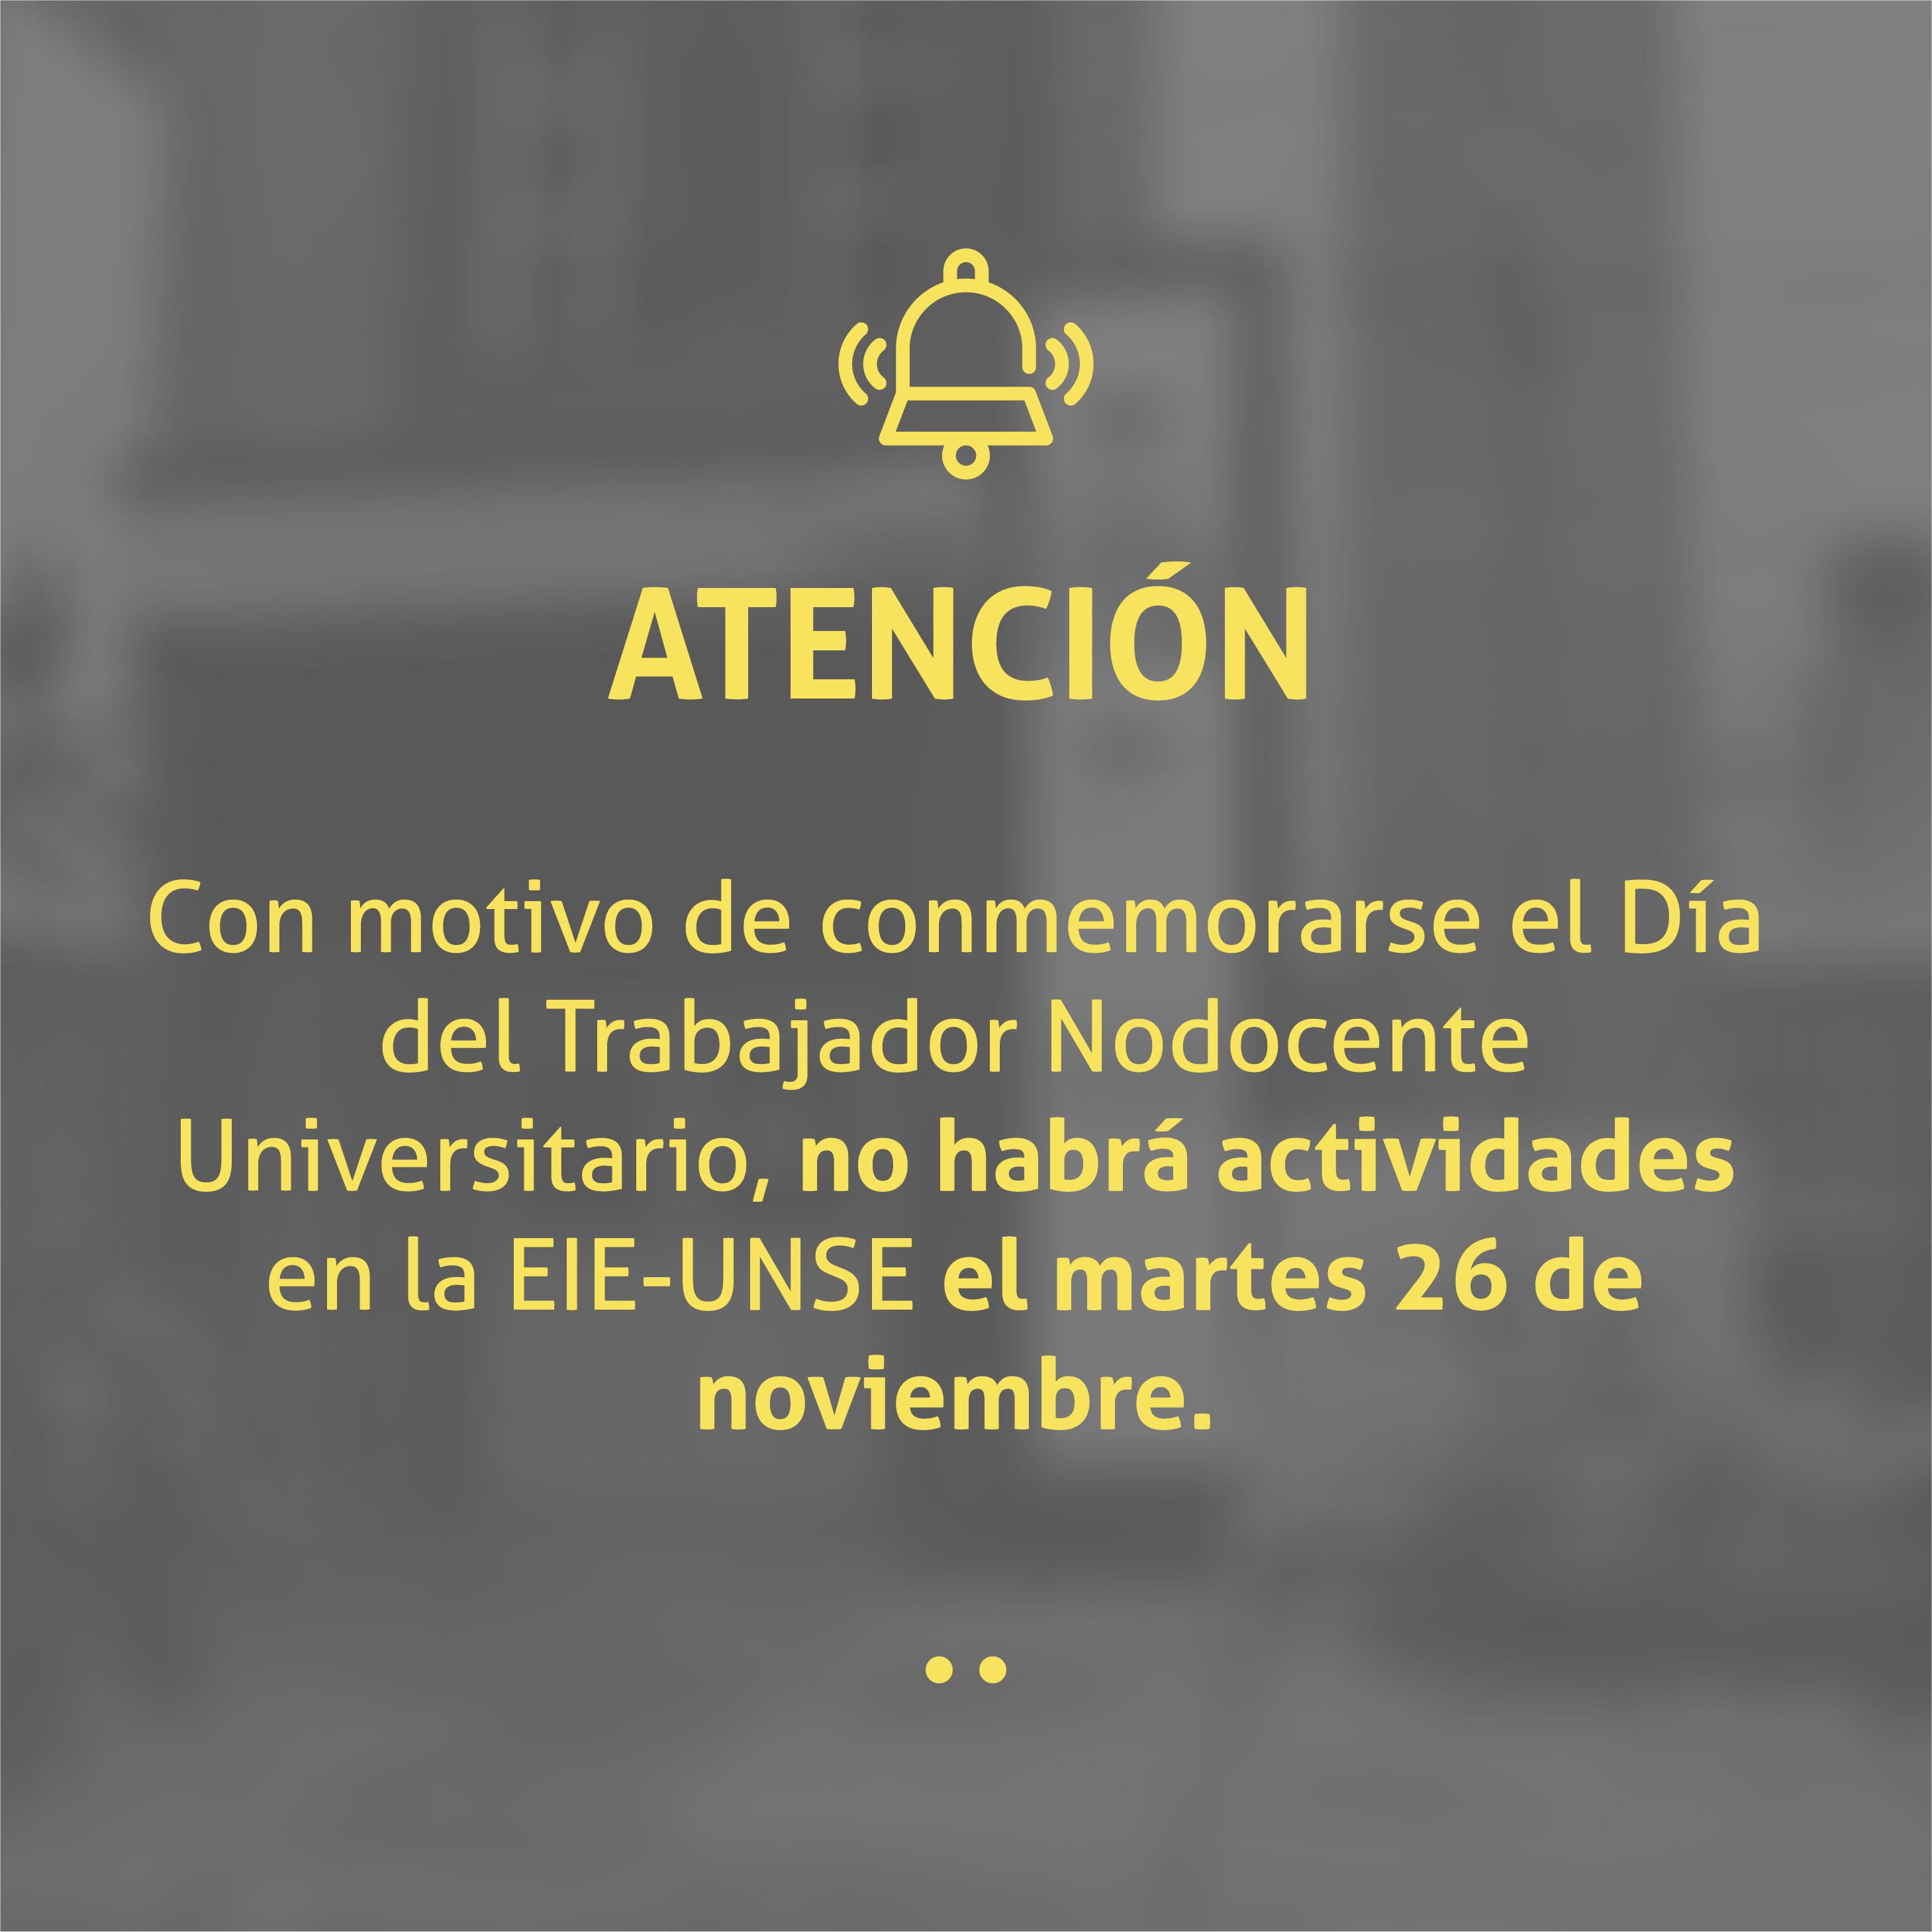 No habrá actividades el martes 26 de noviembre